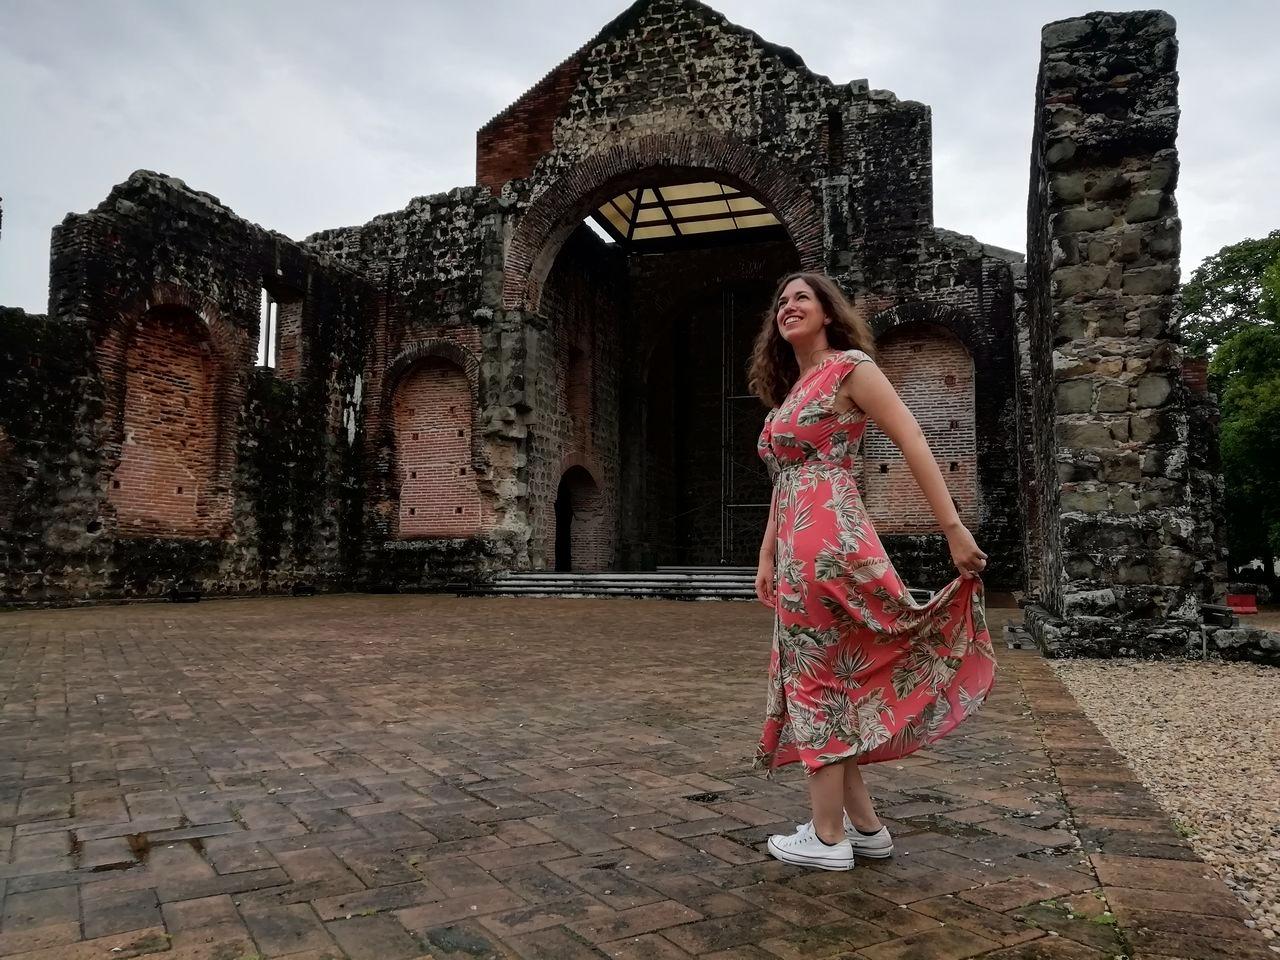 Tienes que ver en Ciudad de Panamá el sitio arqueológico de Panamá Viejo.